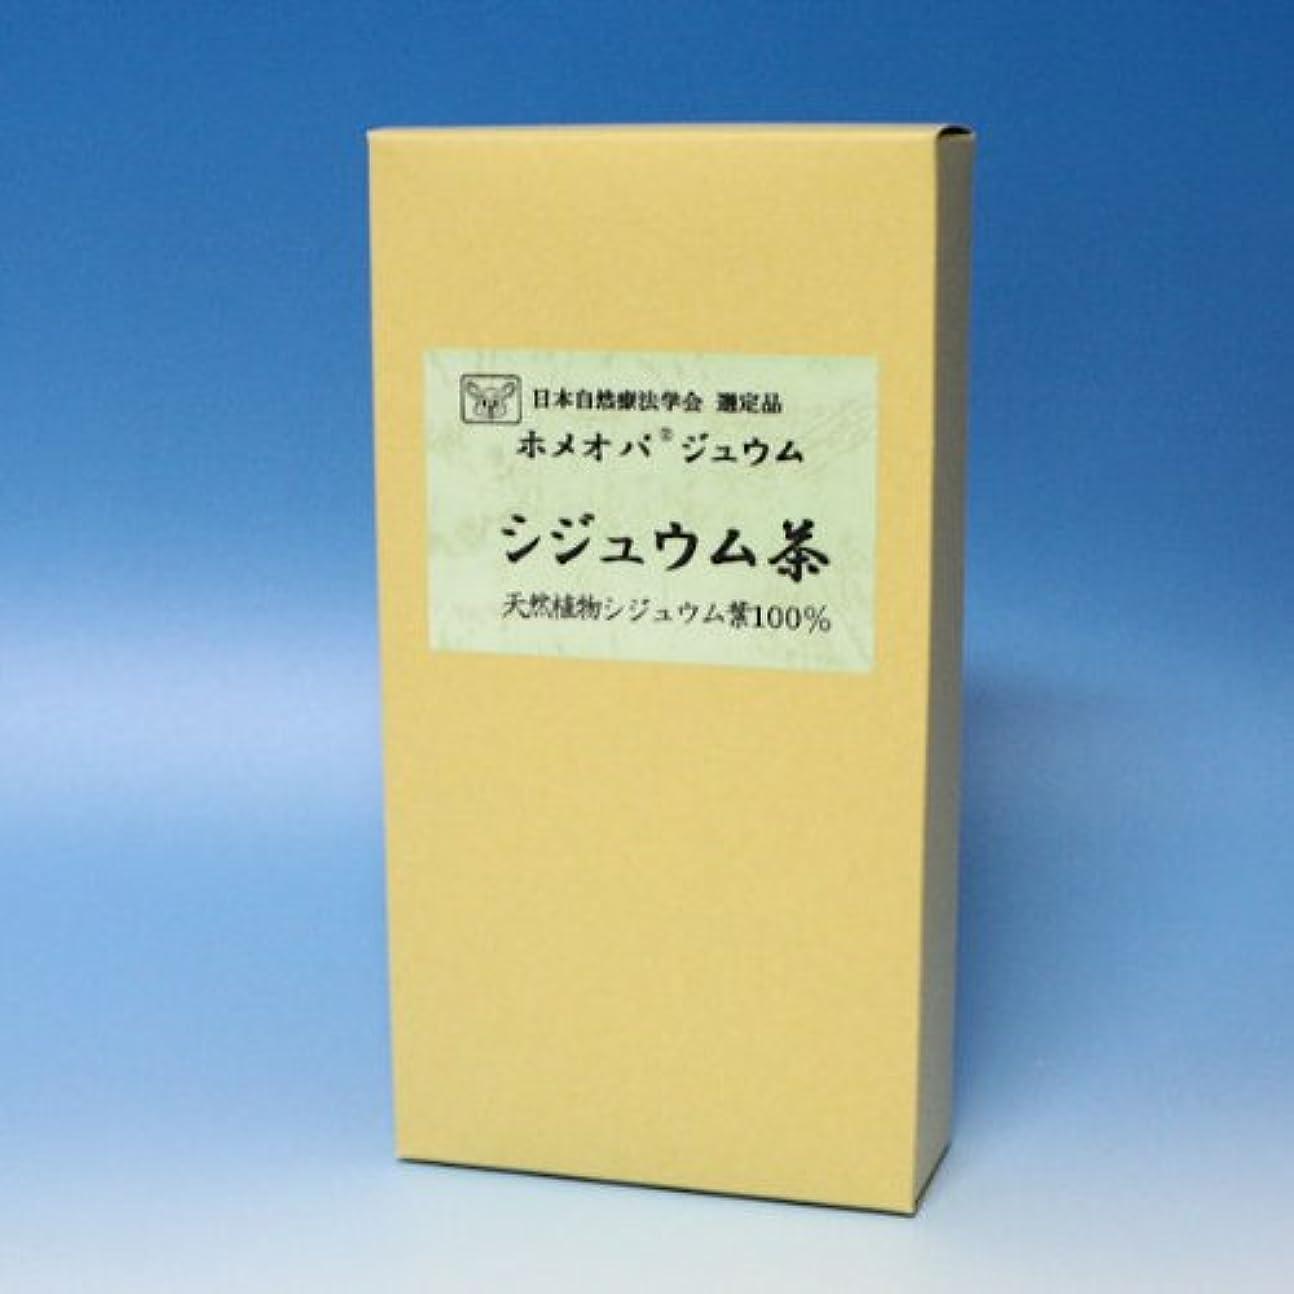 有毒取得する切るシジュウム茶0.5g×90包